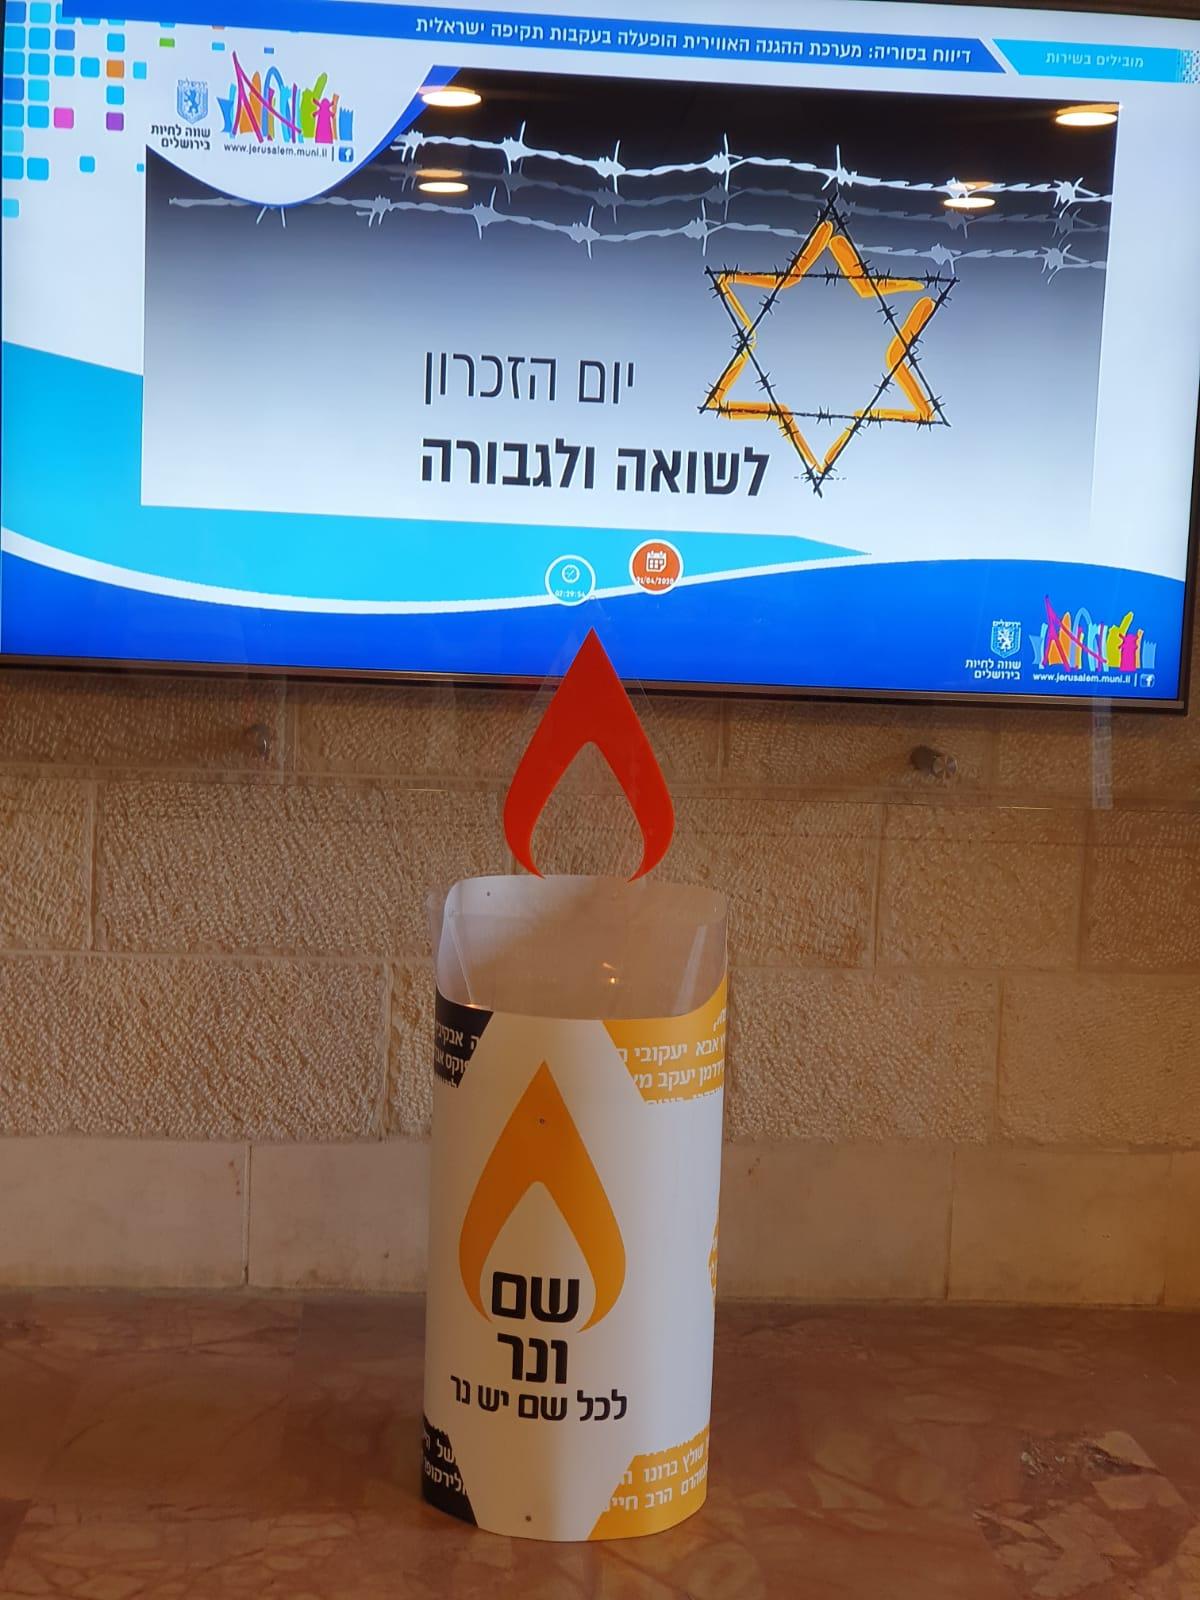 הדלקת נר בעיריית ירושלים. צילום: ג'קי לוי